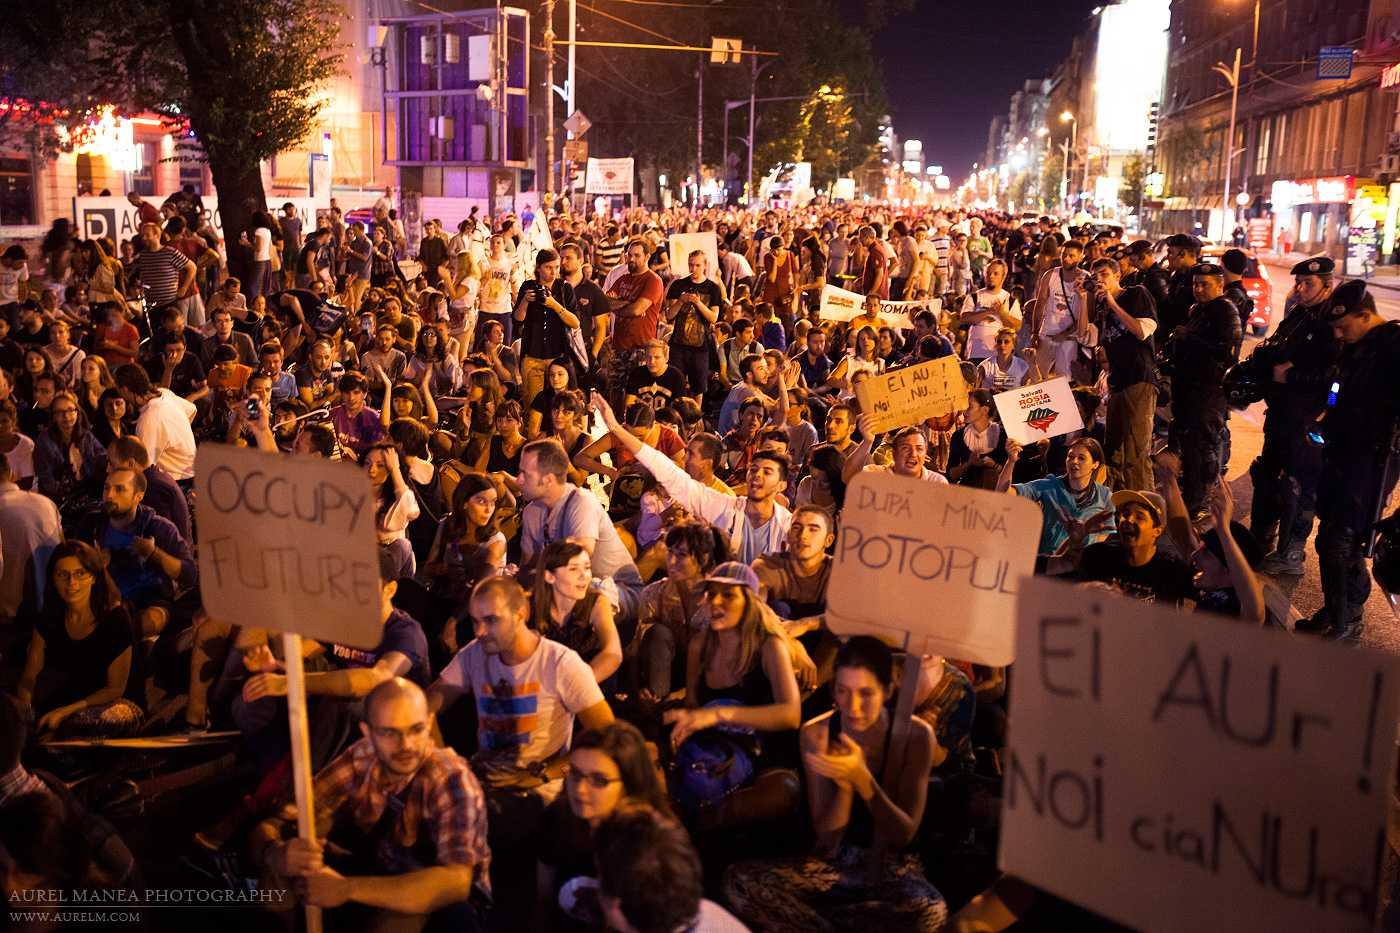 Aviz naivilor cu privire la MITUL SPONTANEITATII protestarii populare. Srdja Popovic, liderul revolutiei anti-Milosevici: <i>REVOLUTIA SPONTANA DE SUCCES ESTE O MINCIUNA. NU EXISTA ASA CEVA</i> (video, conferintele TED)